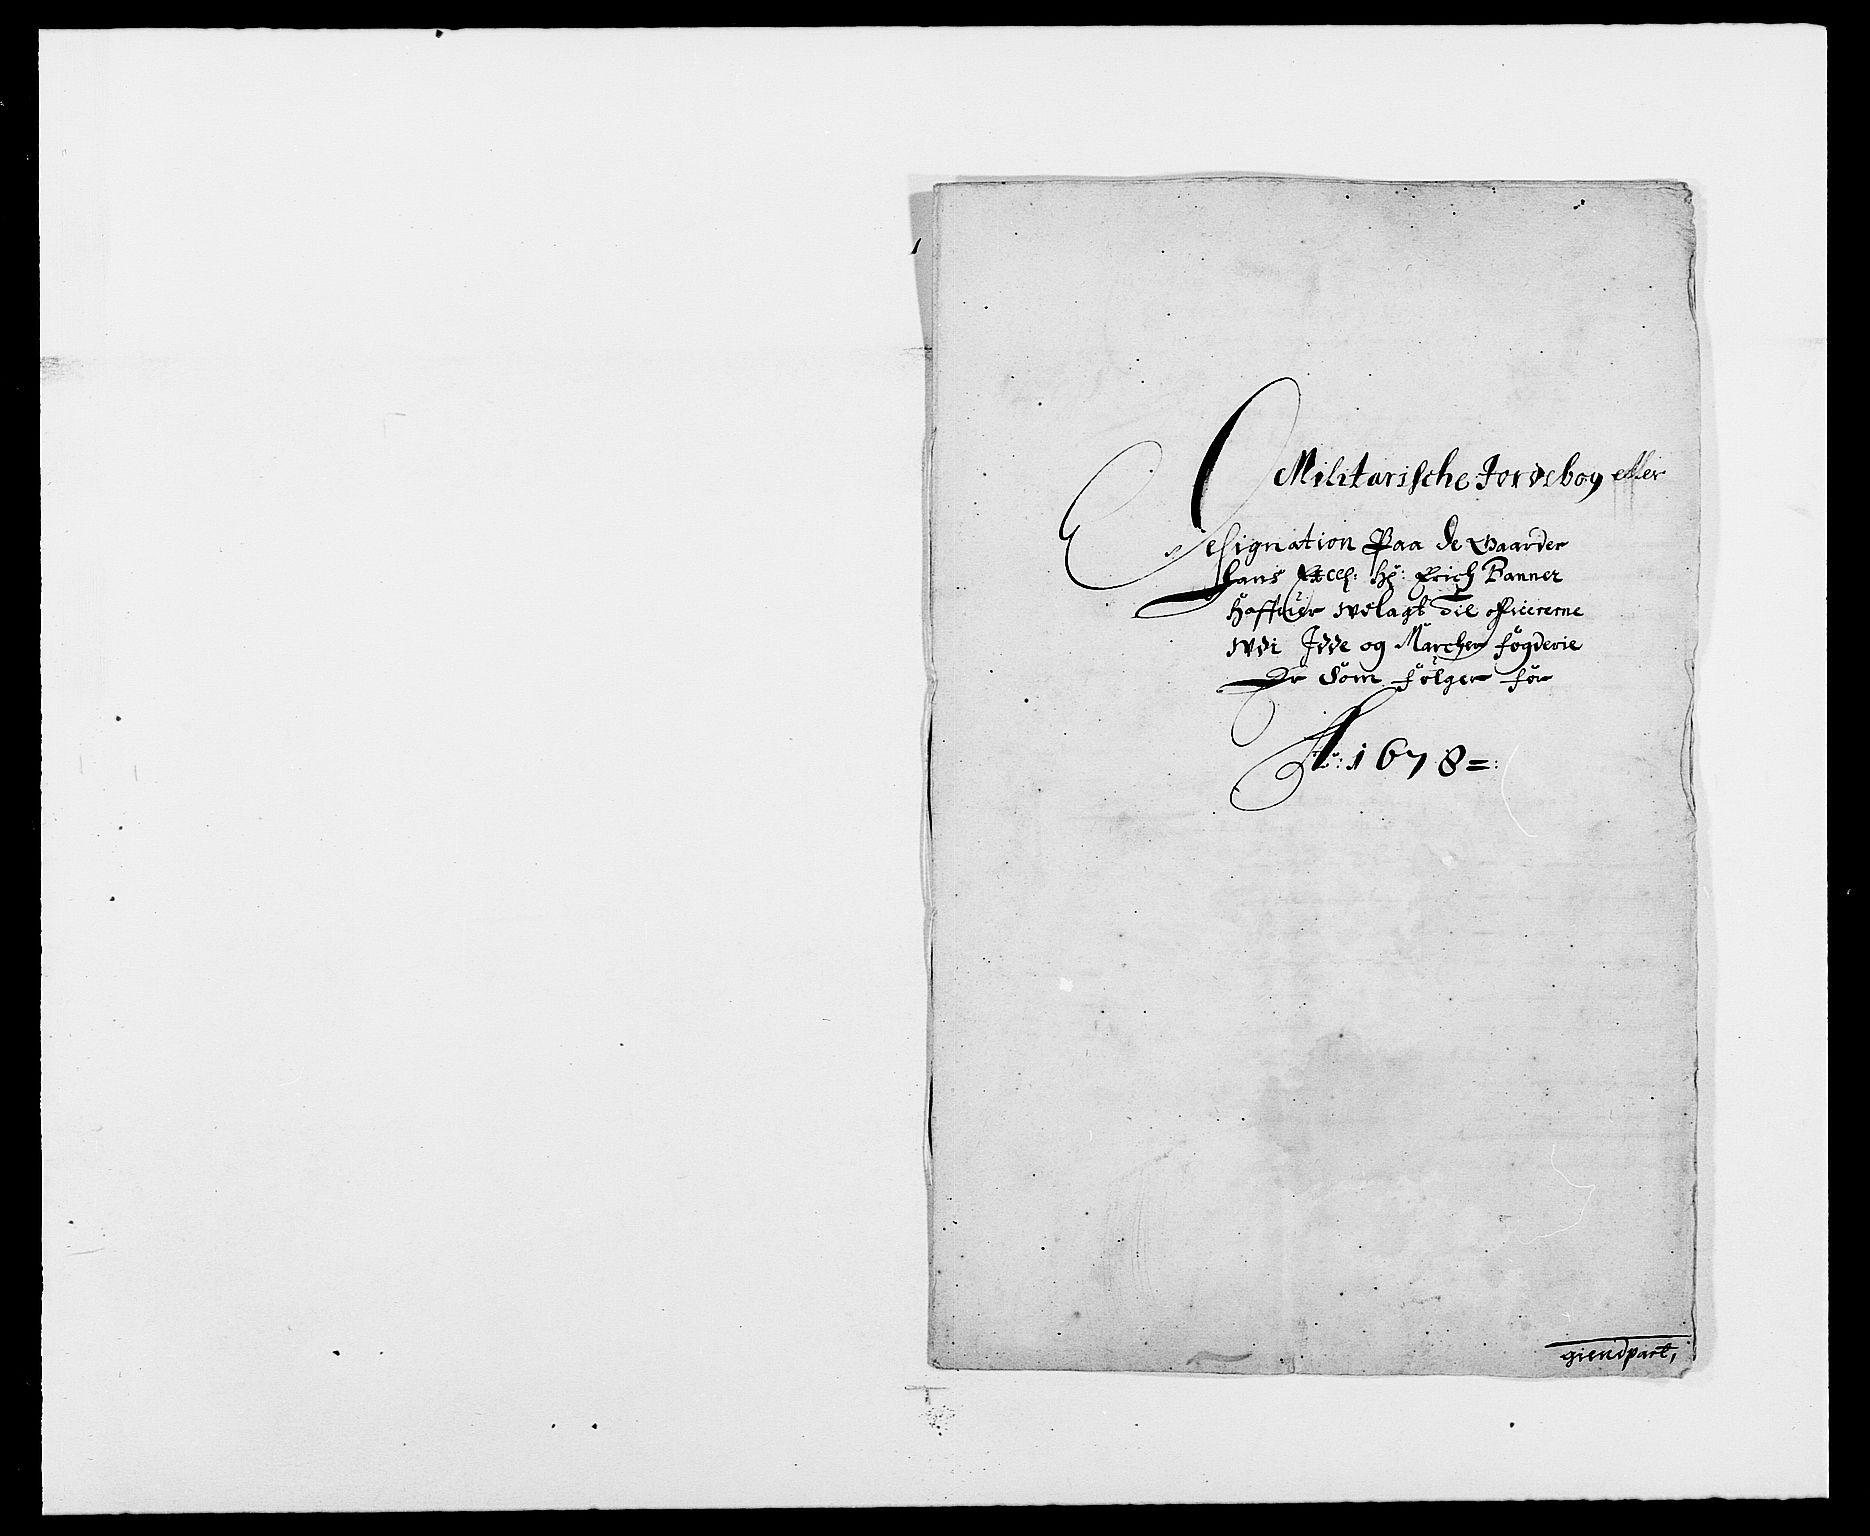 RA, Rentekammeret inntil 1814, Reviderte regnskaper, Fogderegnskap, R01/L0001: Fogderegnskap Idd og Marker, 1678-1679, s. 260